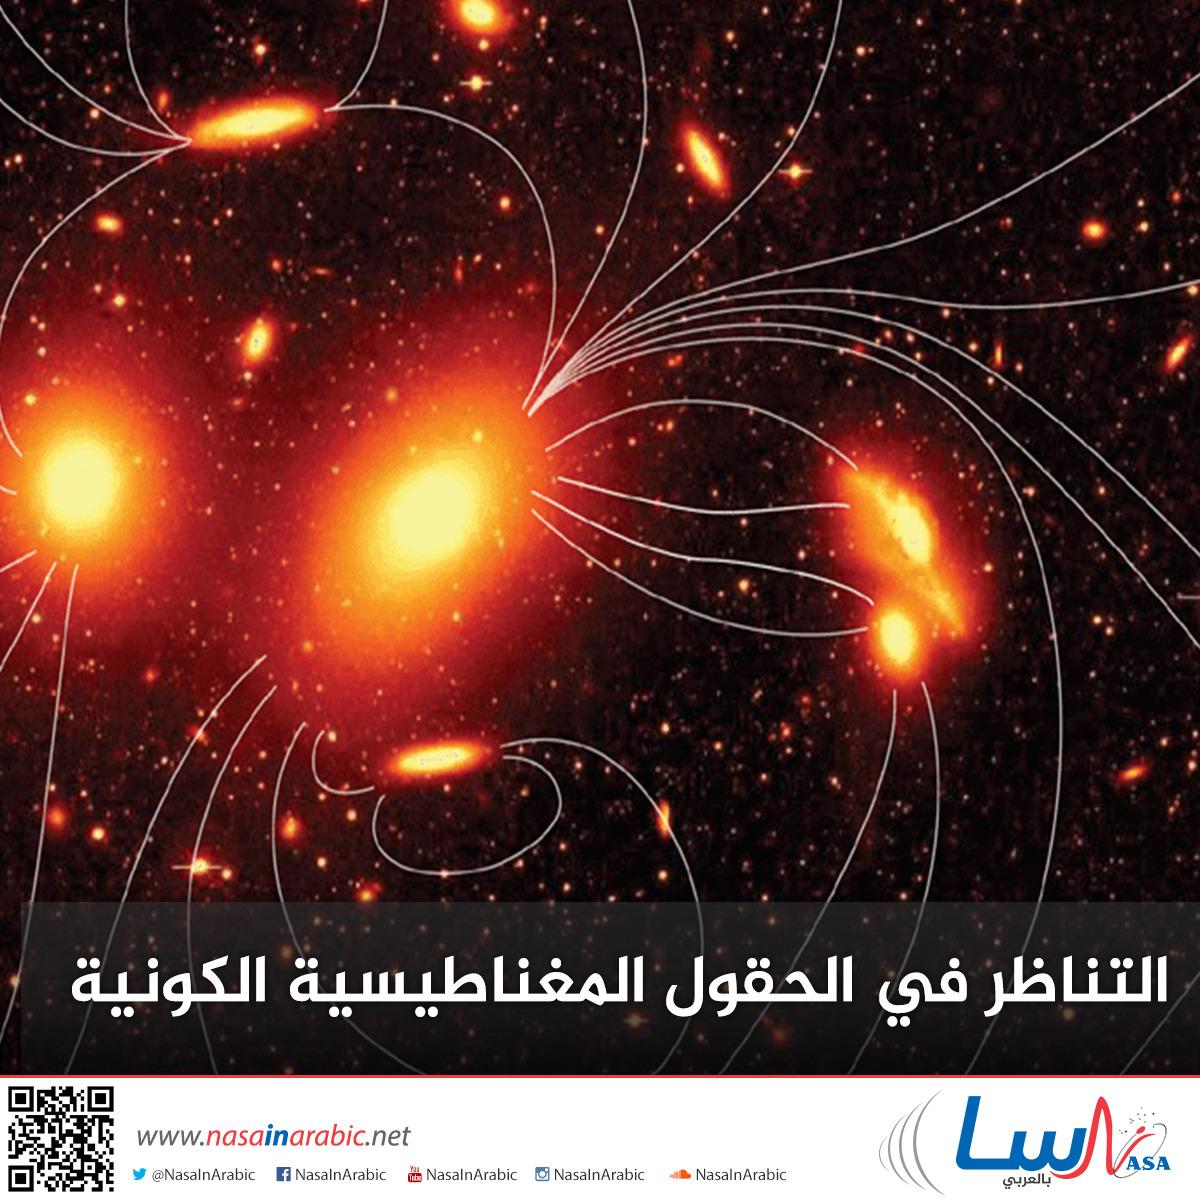 التناظر في الحقول المغناطيسية الكونية